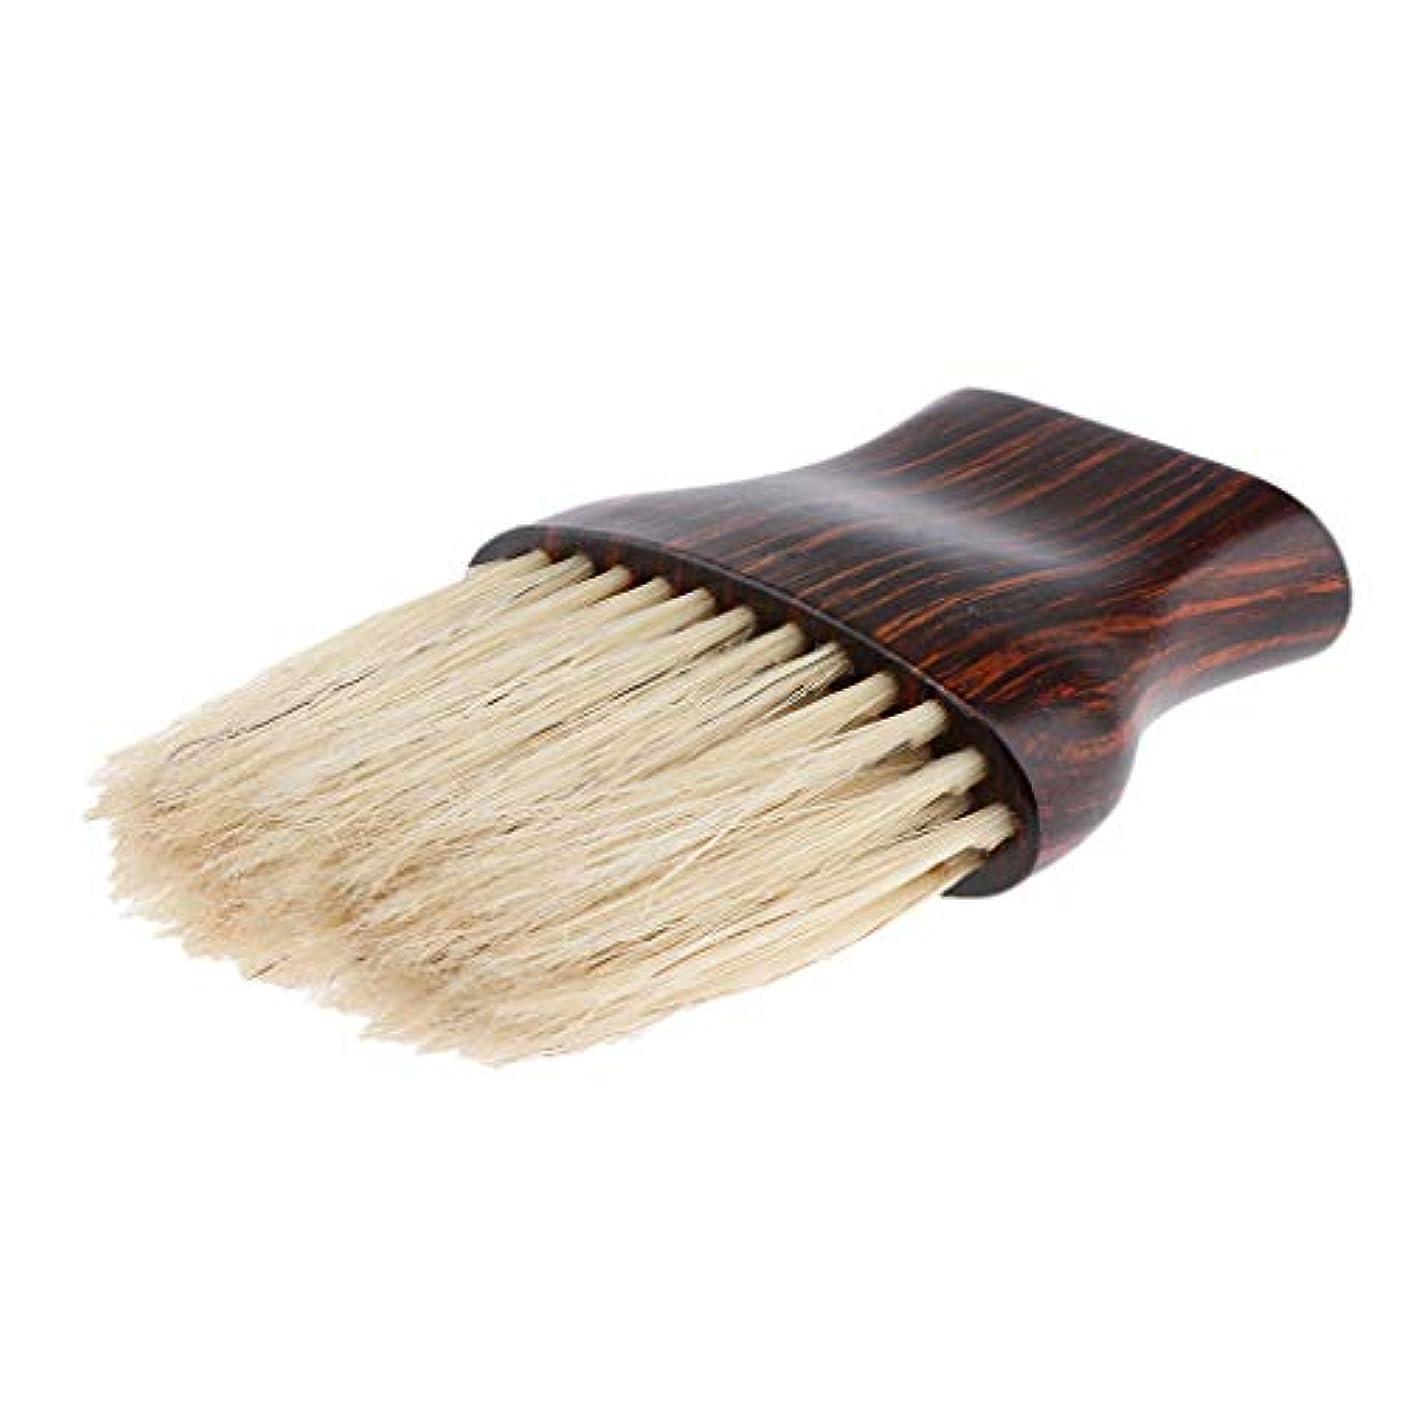 静める阻害する爆発物ネックダスターブラシ 柔らかい繊維 ヘアブラシ 木製ハンドル 快適